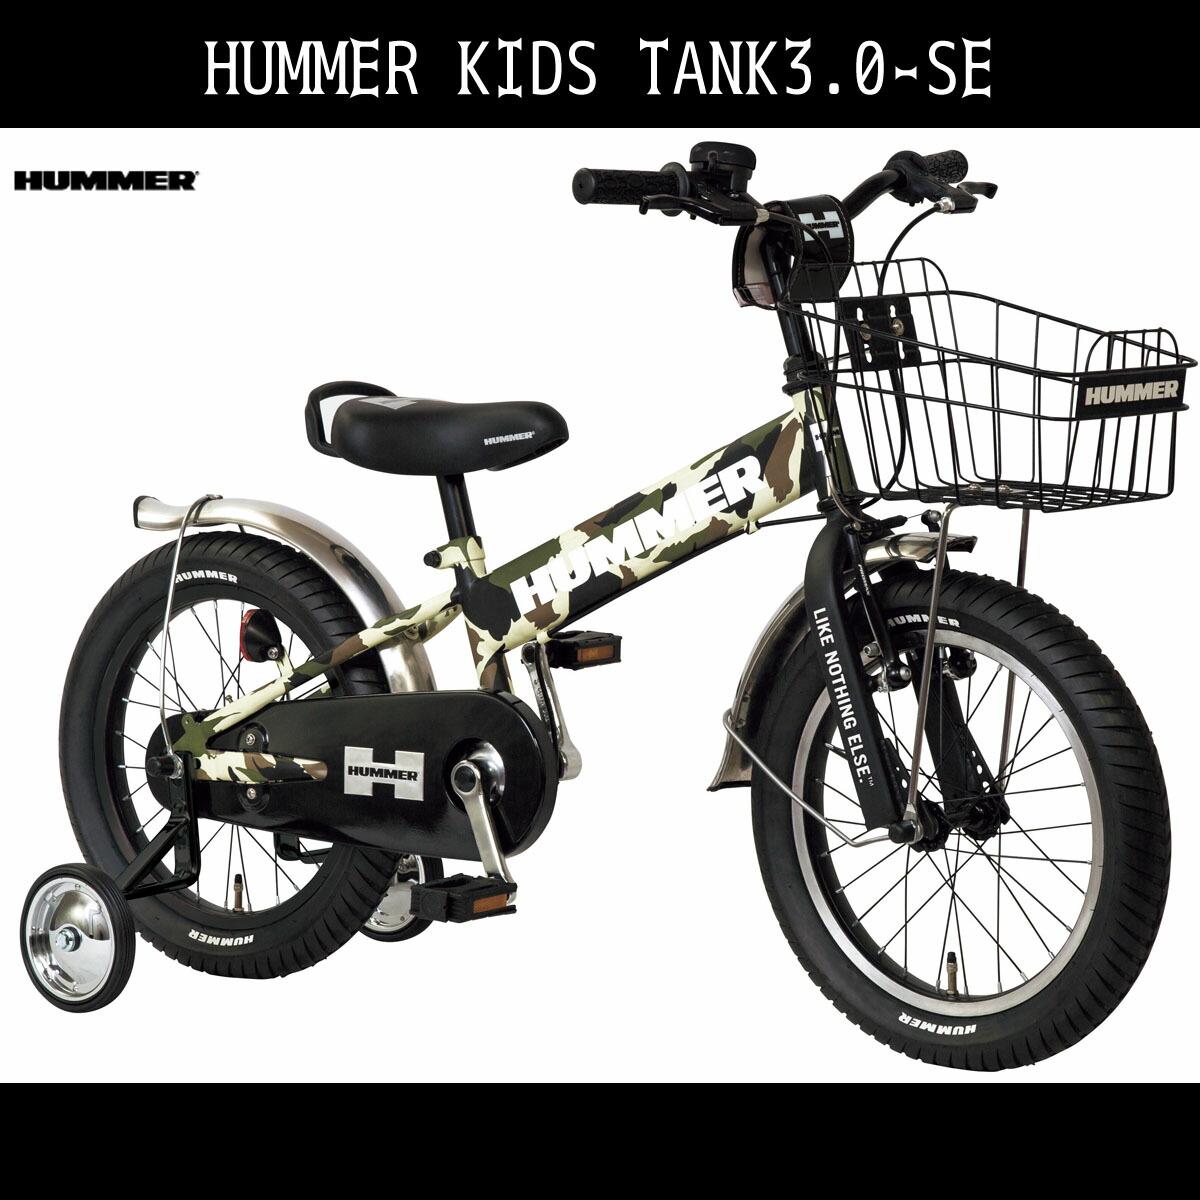 子供用 マウンテンバイク ハマー HUMMER 自転車 幼児 補助輪付き自転車子ども用自転車 グリーン/緑色 迷彩柄16インチ 自転車 ギアなし 補助輪 泥除け かご付 MTB ハマー マウンテンバイクKID'S TANK3.0-SEキッズ 自転車 ジュニア